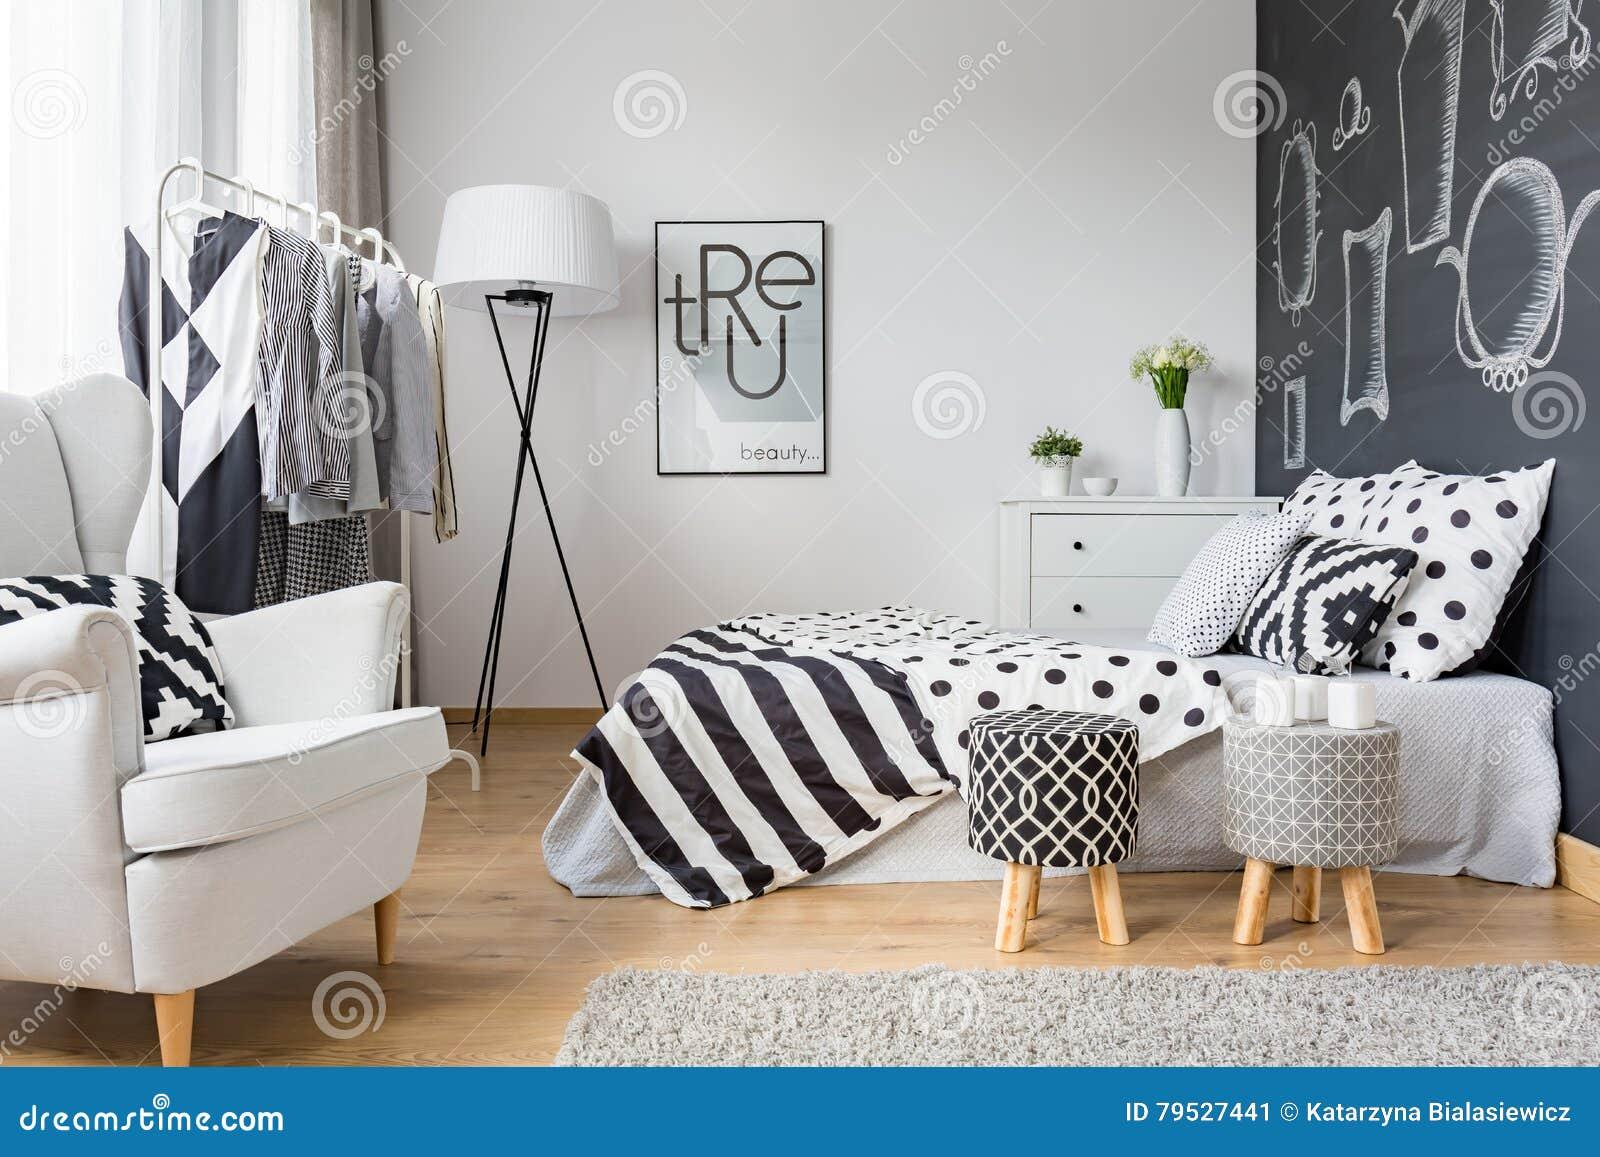 Gemütliches Schlafzimmer Mit Tafelwand Stockbild - Bild von bequem ...